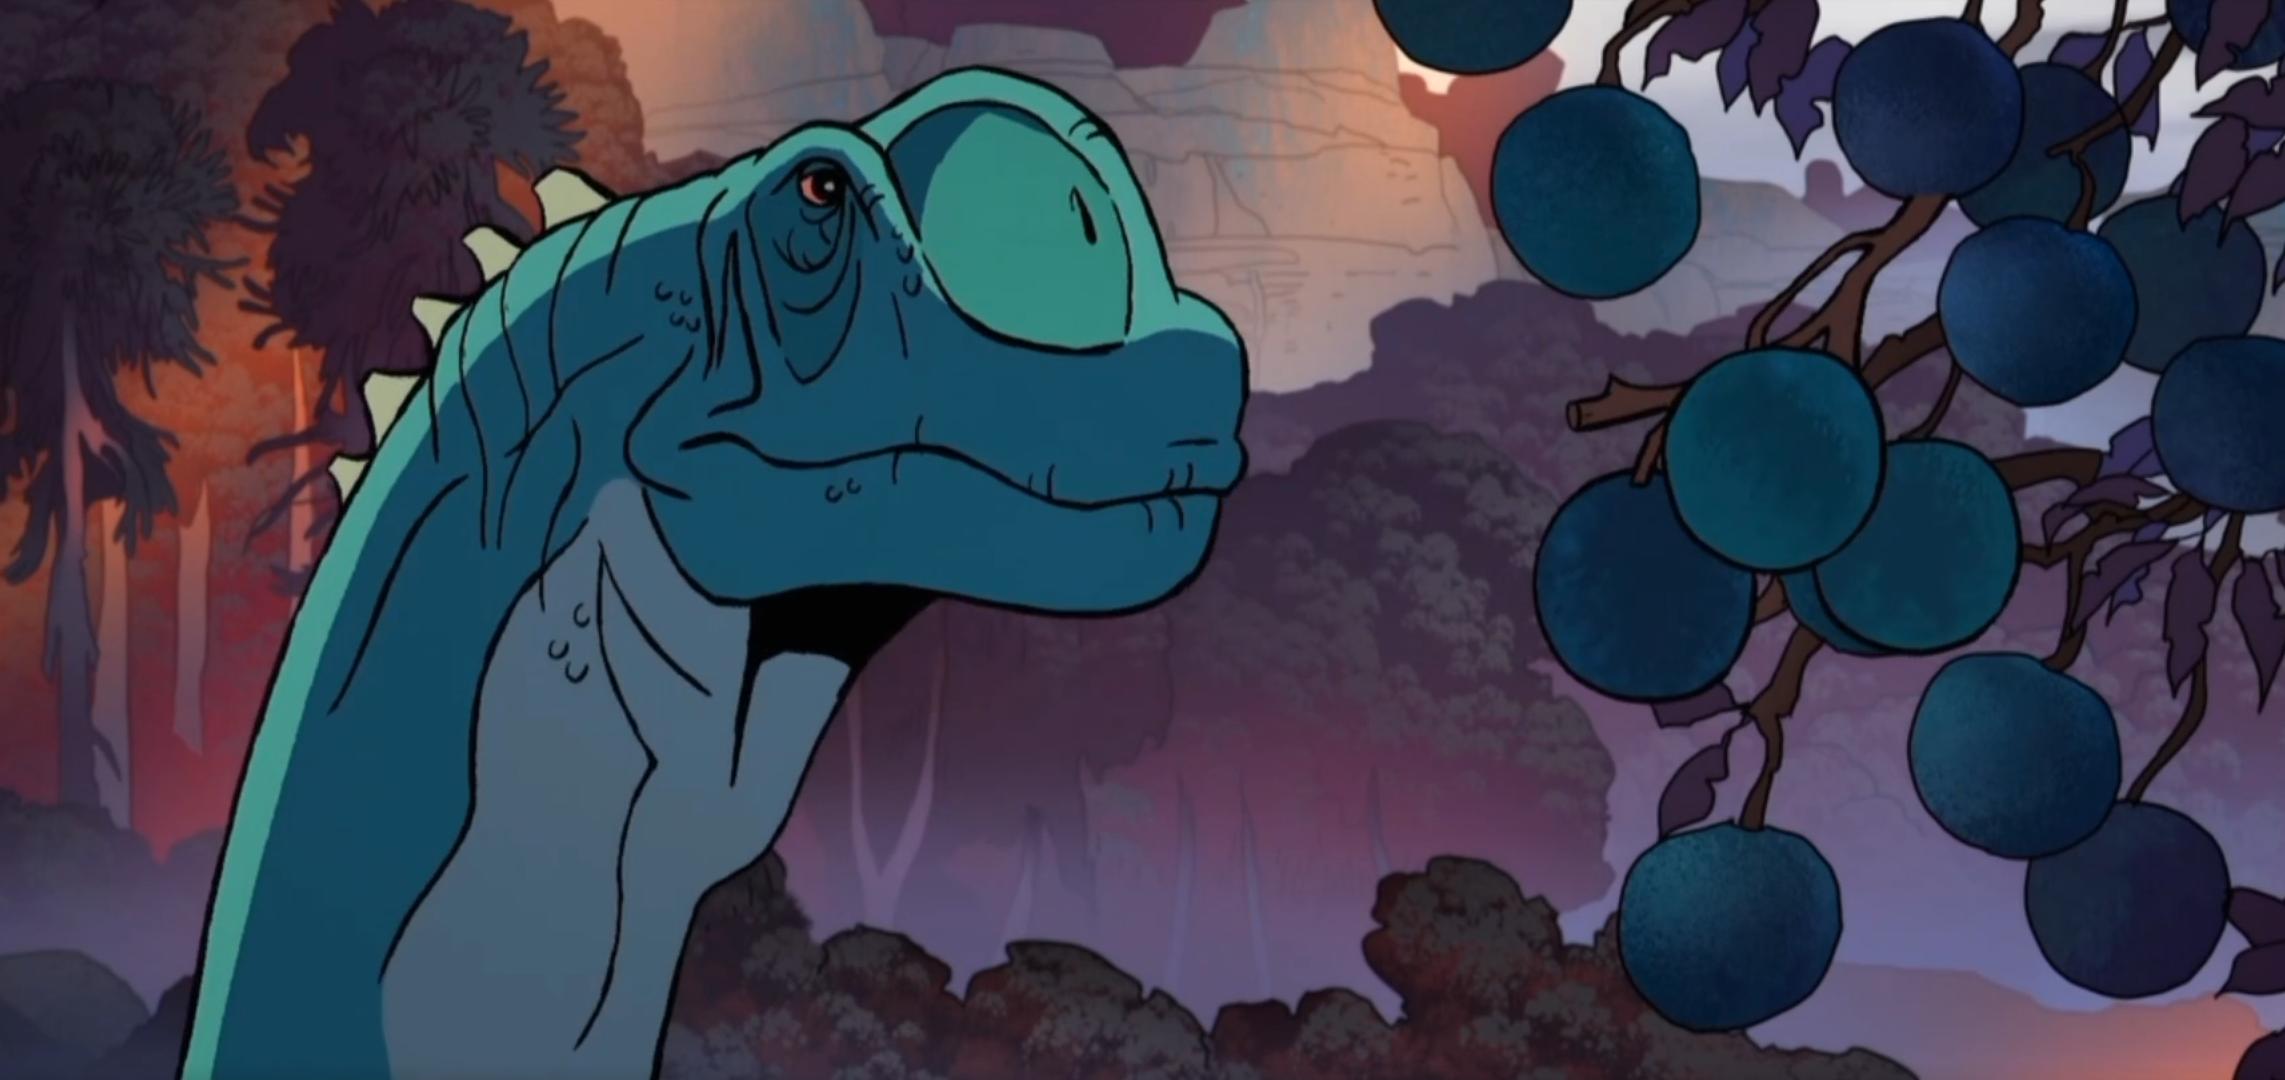 Infected Argentinosaurus Primal Wiki Fandom Primal juegos donde aparecen dinosaurios, siendo estos una parte importante de la trama o incluso protagonistas. infected argentinosaurus primal wiki